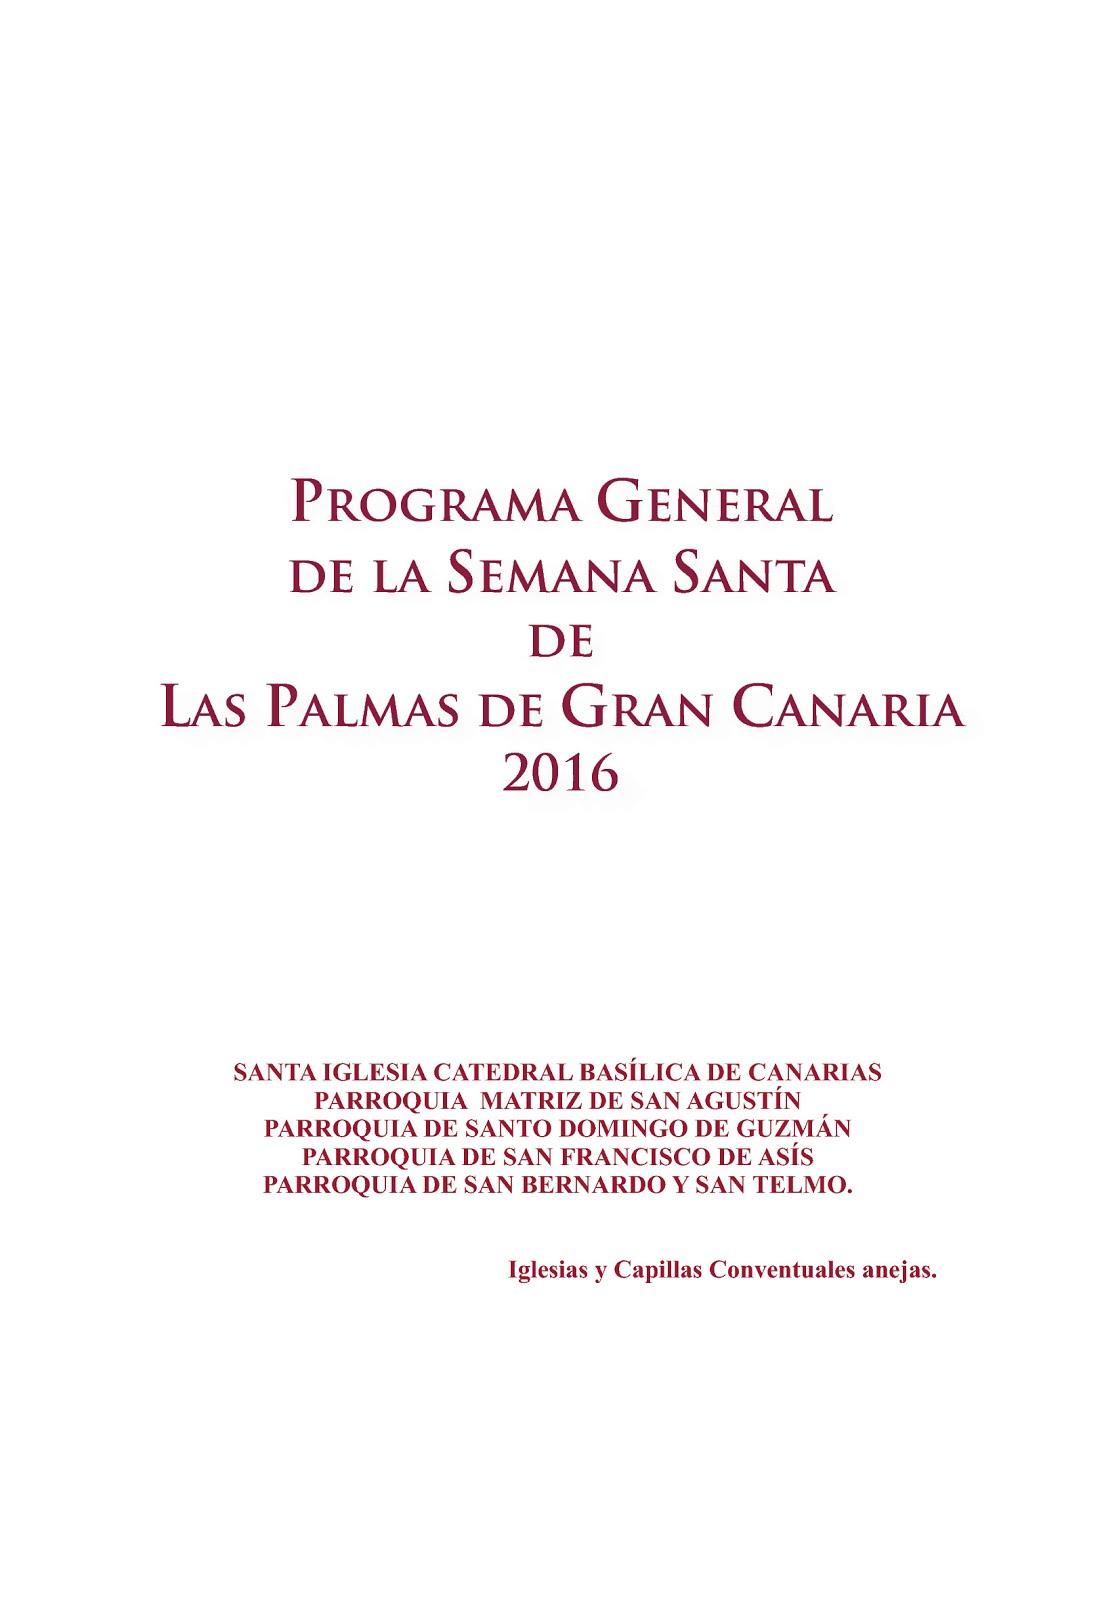 PROGRAMA  DE LA SEMANA SANTA 2016